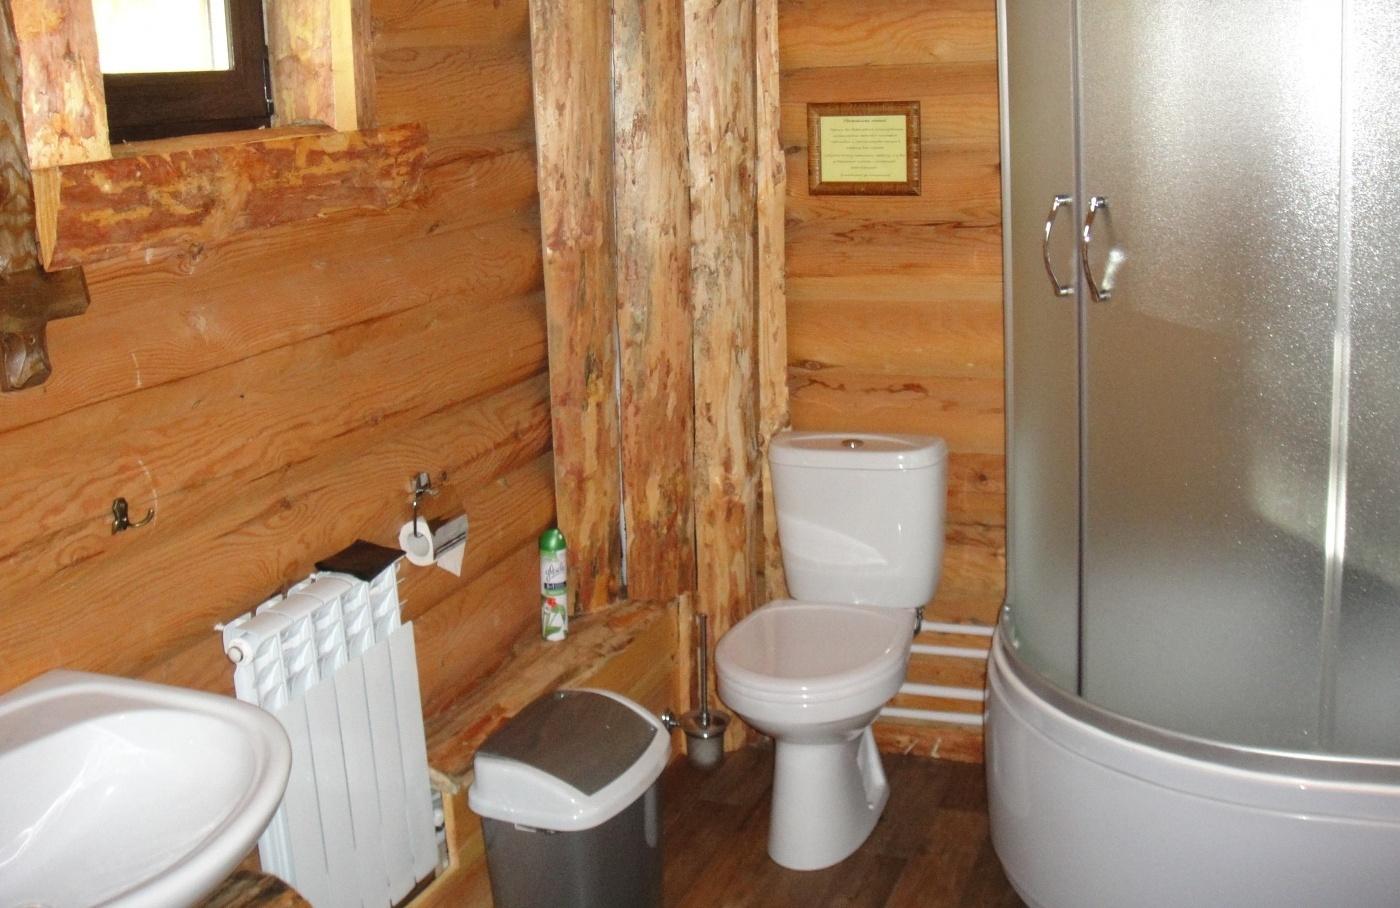 Отель на воде и база активного отдыха «Славянское подворье» Ульяновская область «Рыбацкая изба» 5-комнатный дом, фото 5